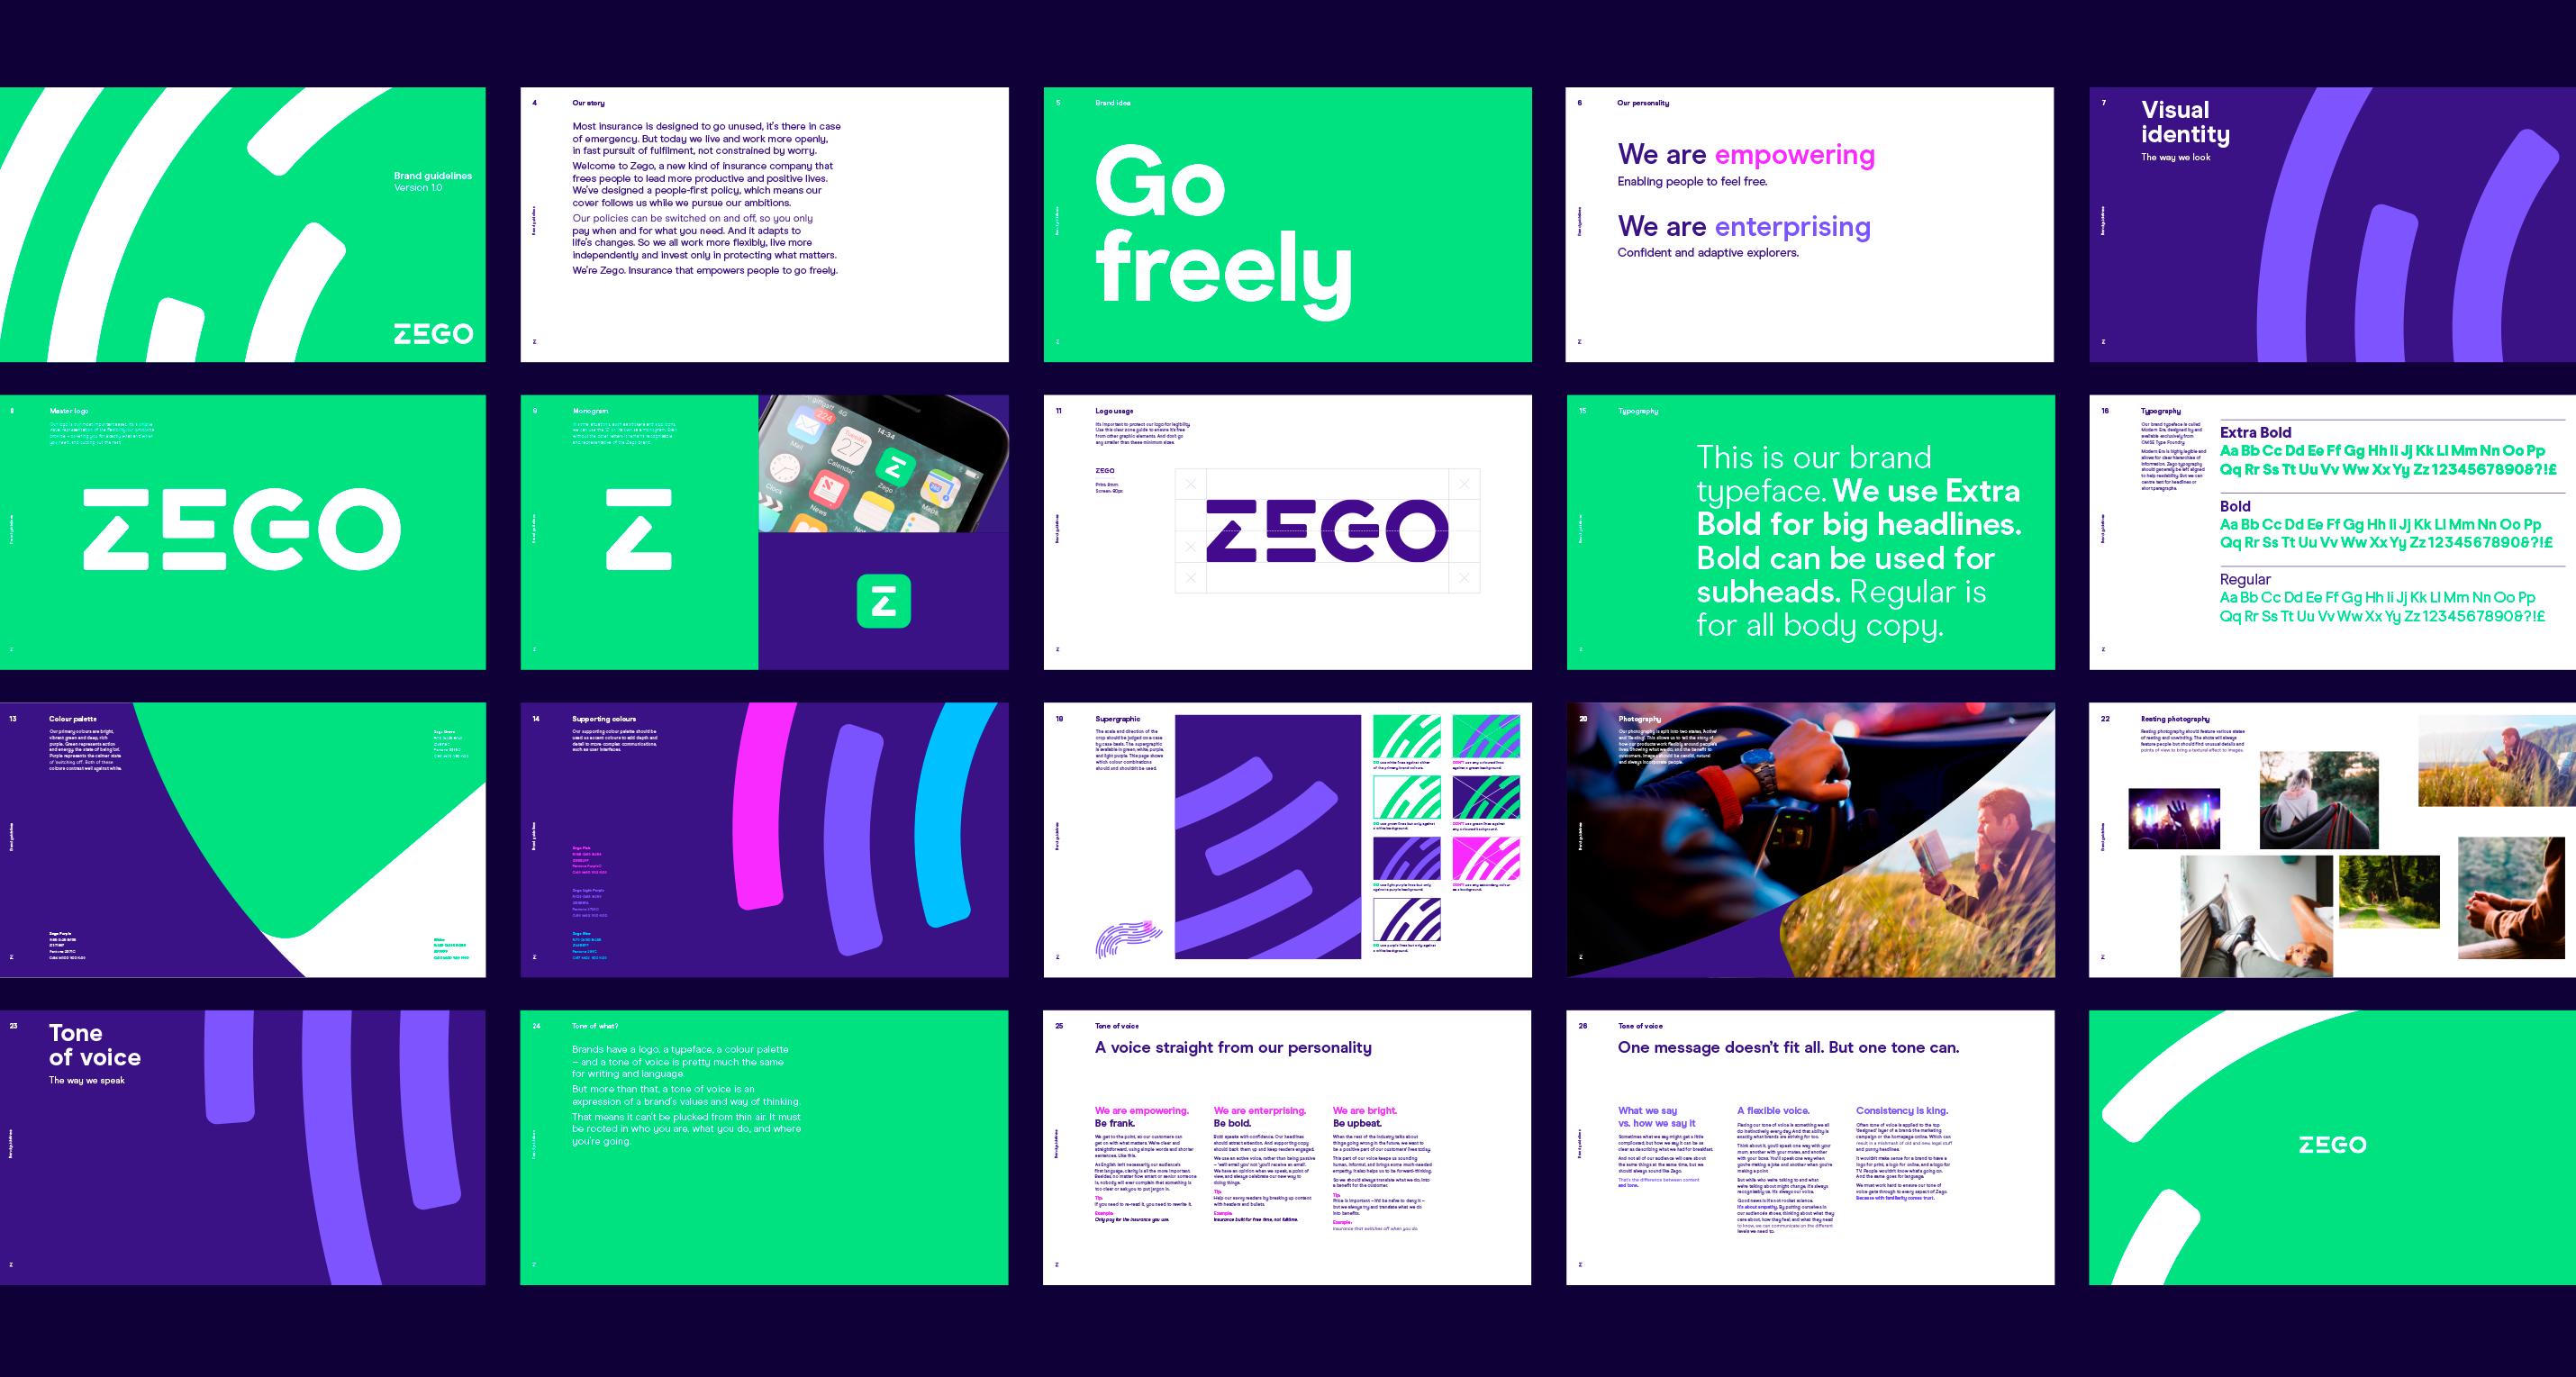 Zego-Guidelines-02